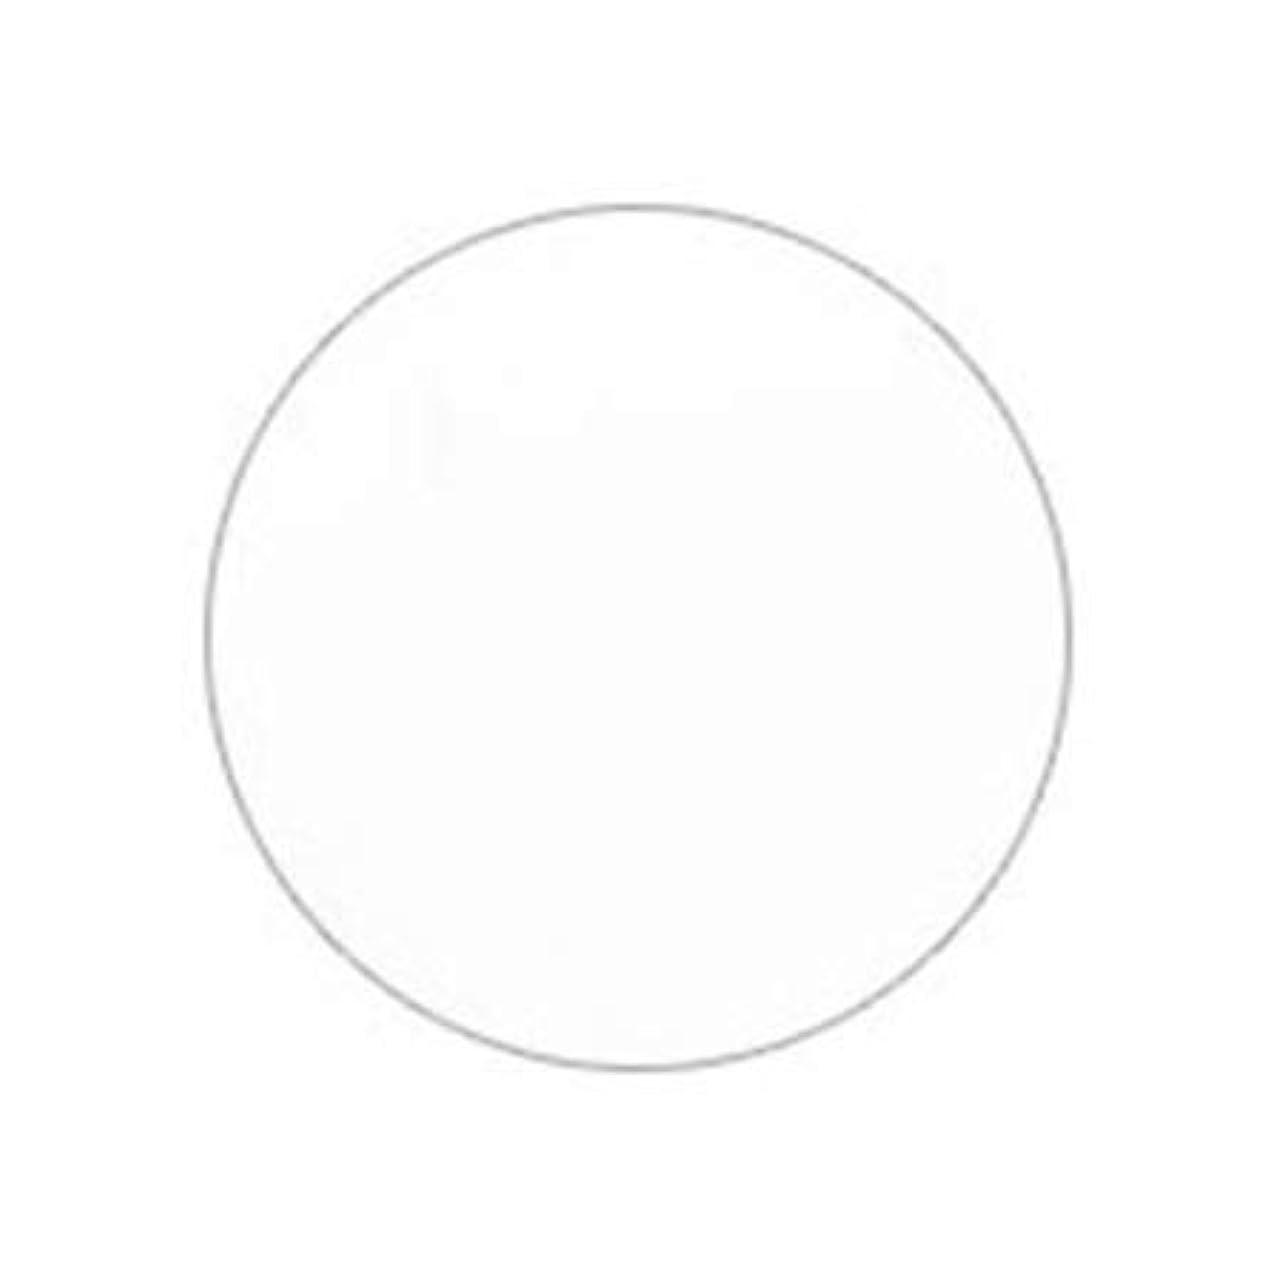 シャイニングおとうさんロバPutiel プティール カラージェル 201 ホワイト 4g